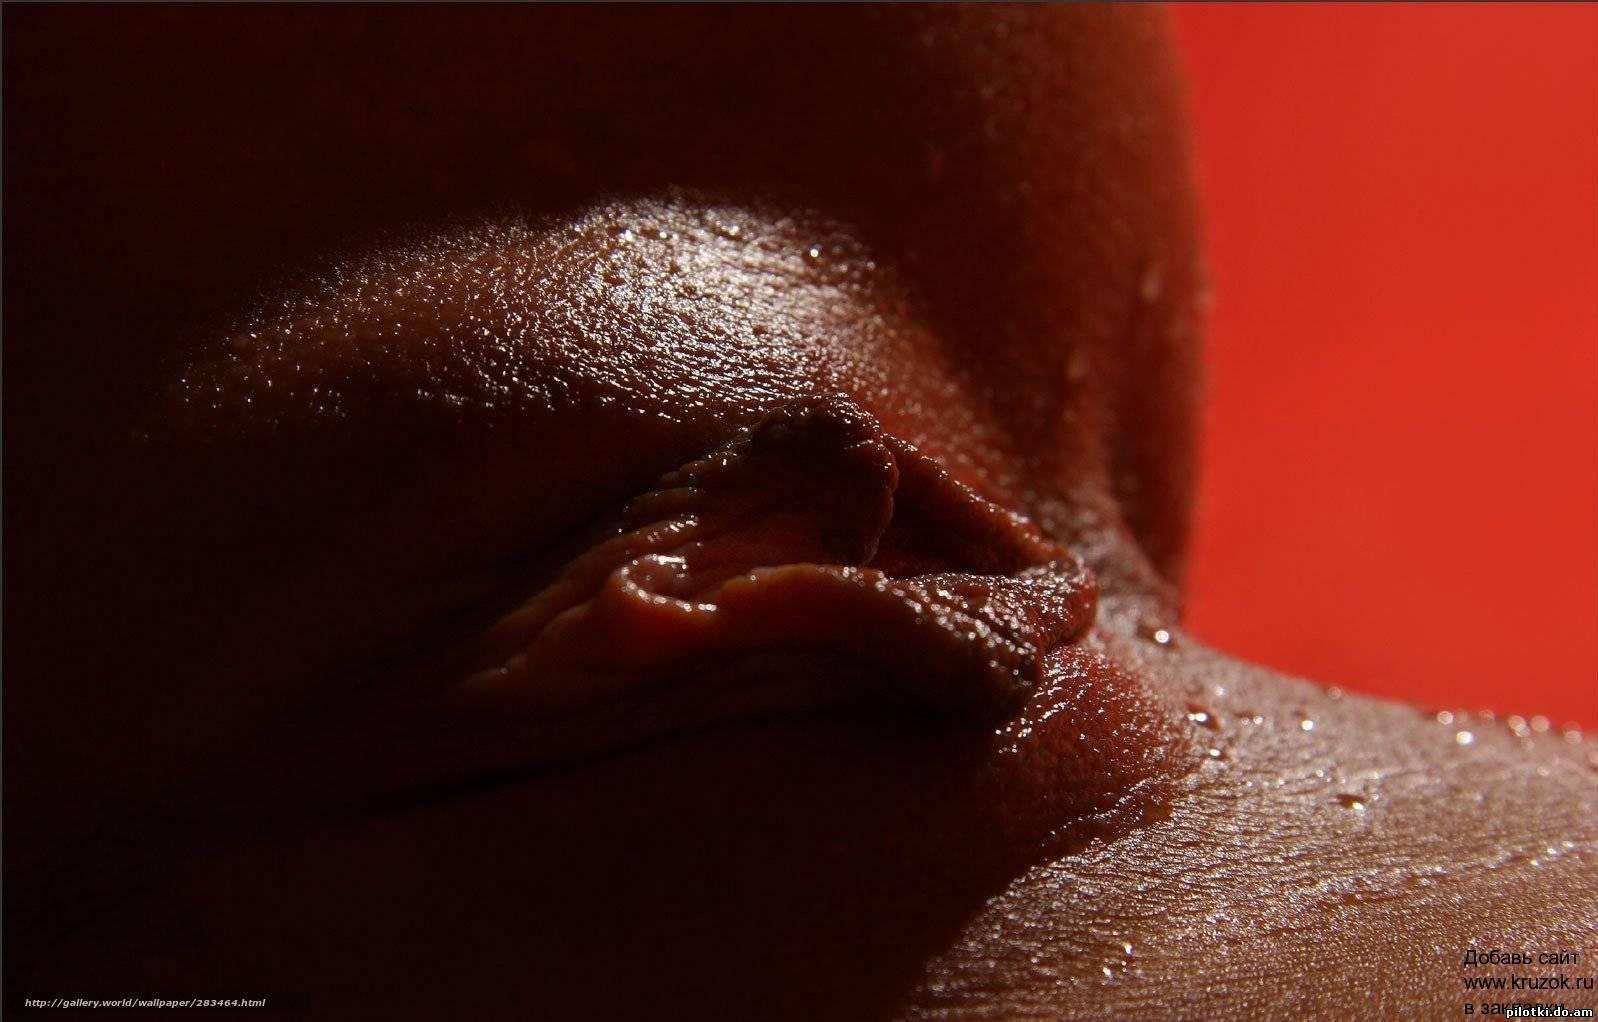 Женская мастурбация: 10 способов доставить себе ...